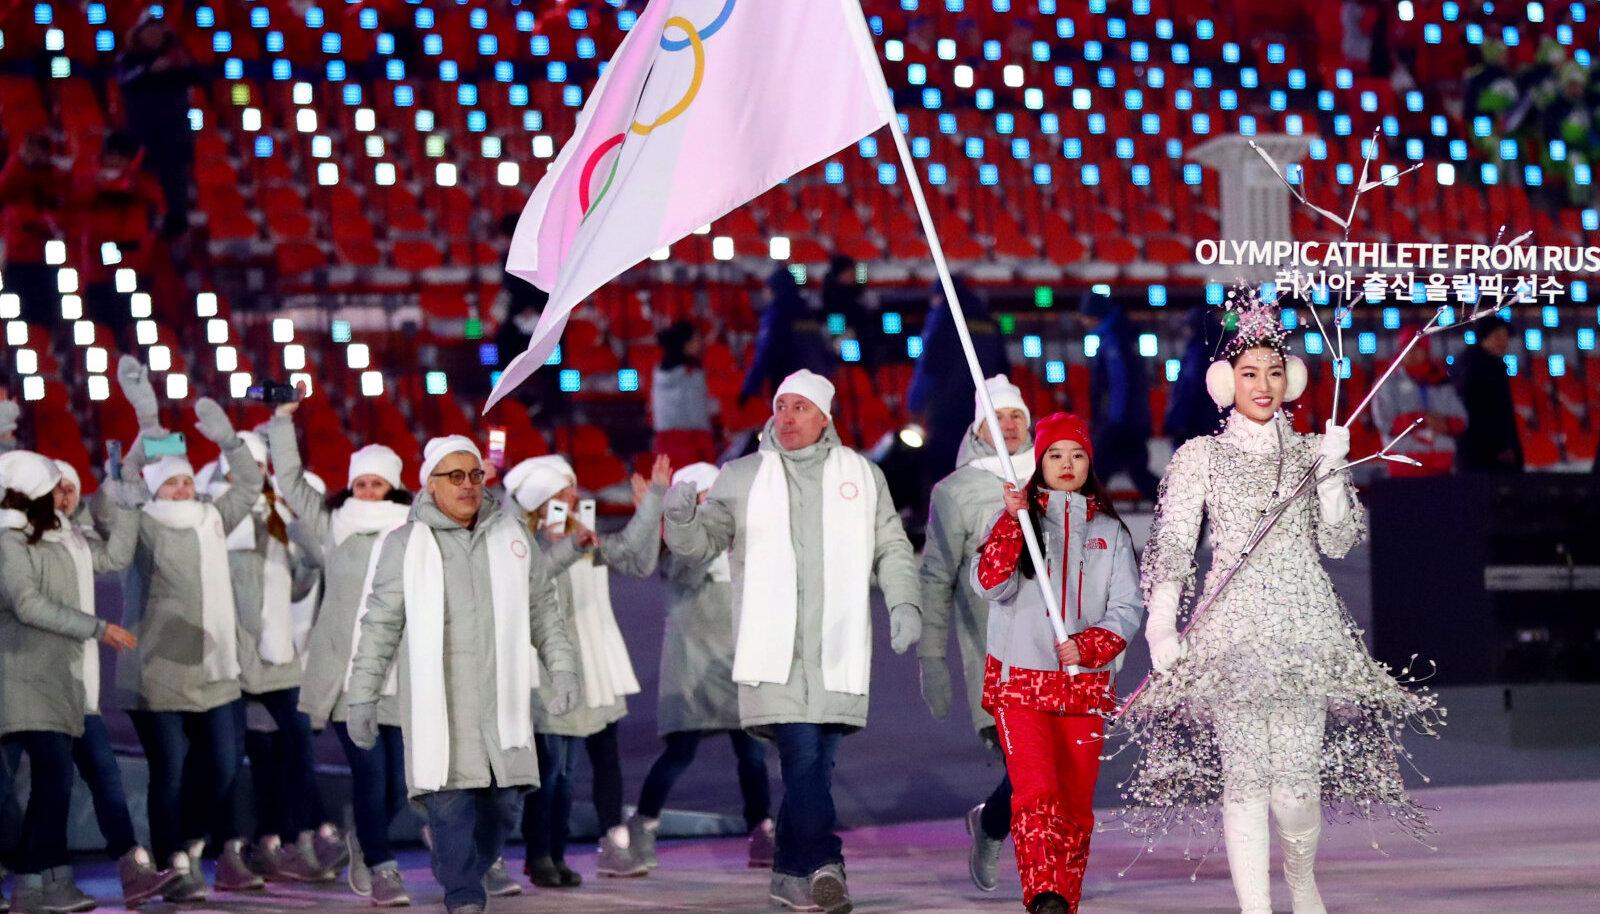 """Venemaad ei lubatud ka Pyeongchangi olümpiamängudele - nende sportlased võistlesid """"Olümpiasportlased Venemaalt"""" nimelise koondise eest."""